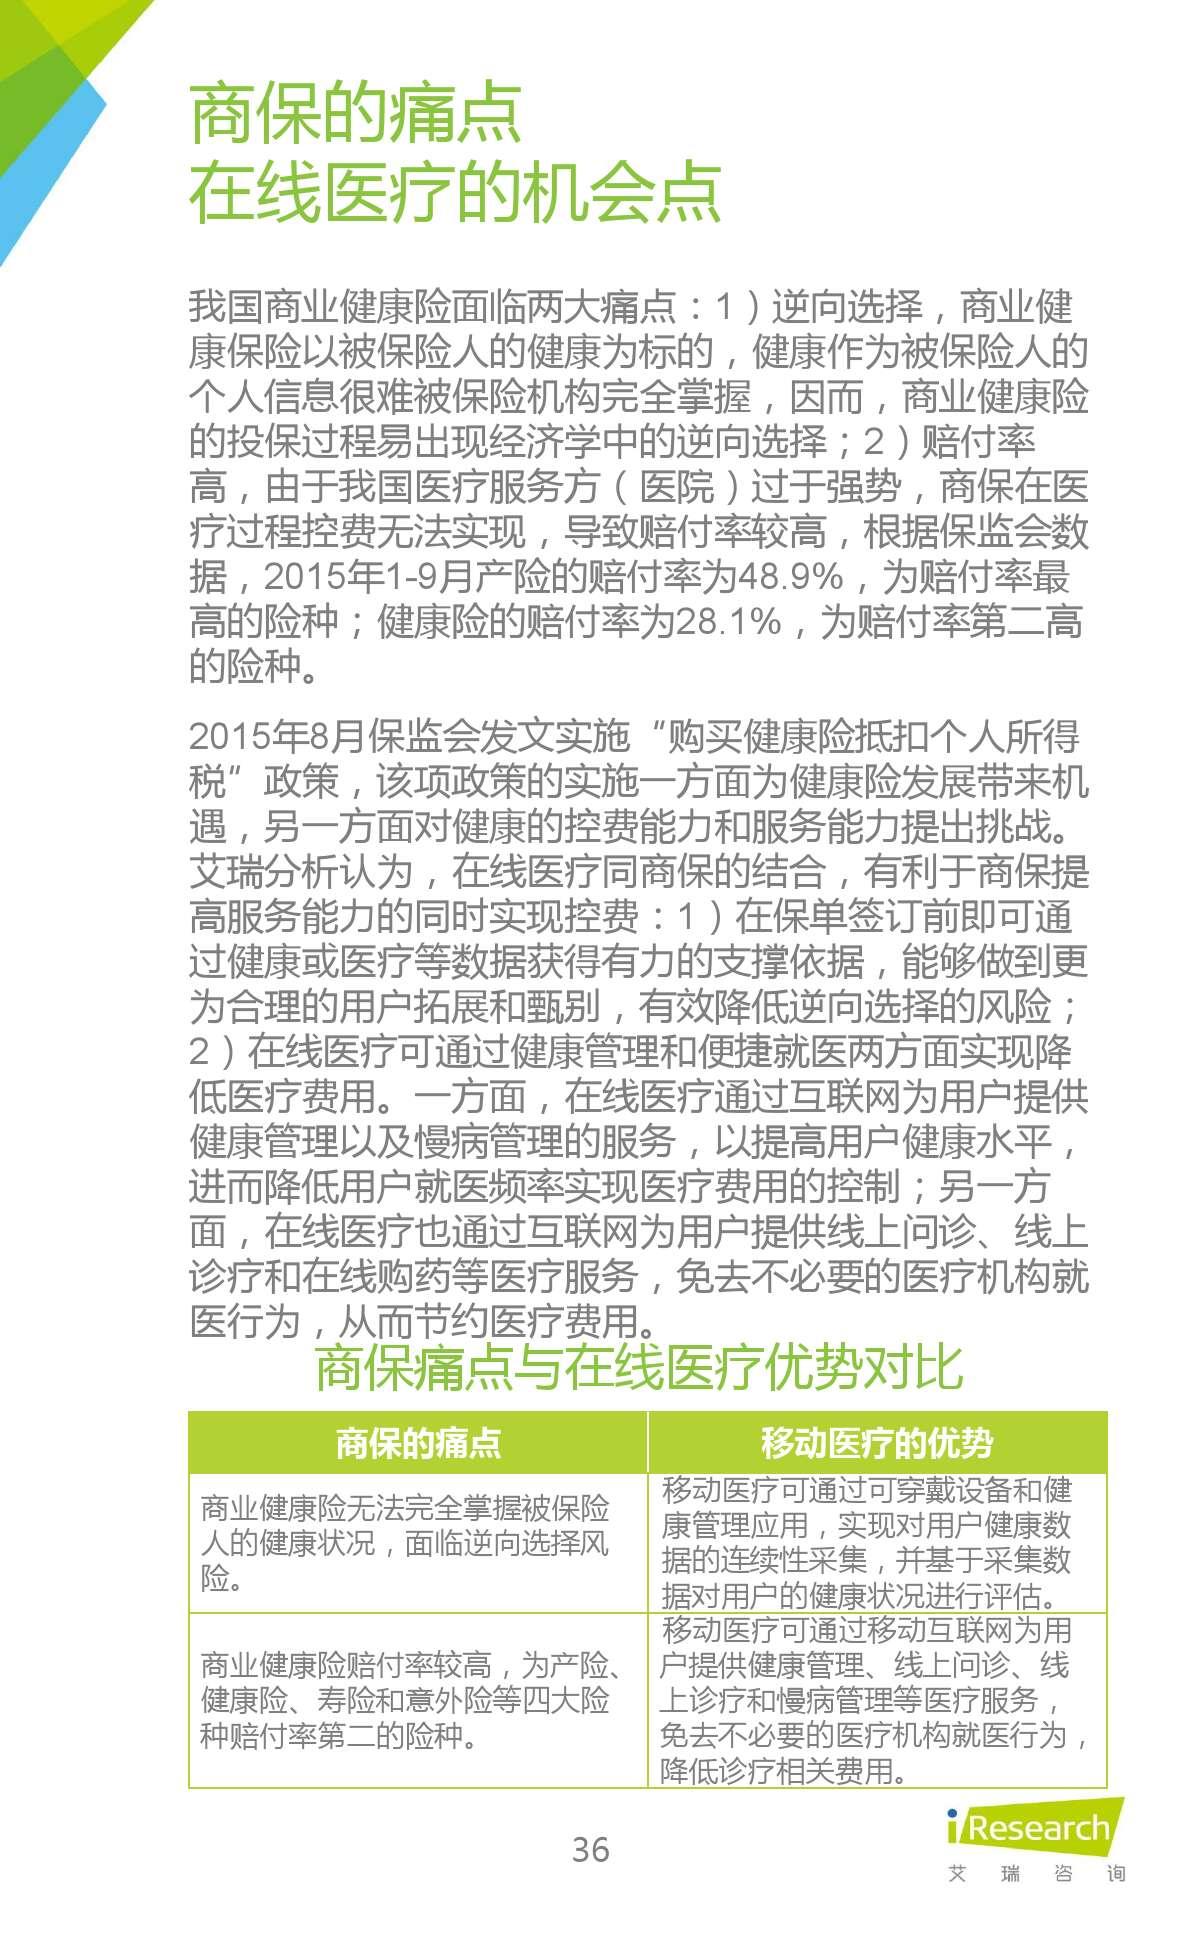 2015年中国在线问诊行业研究报告_000036